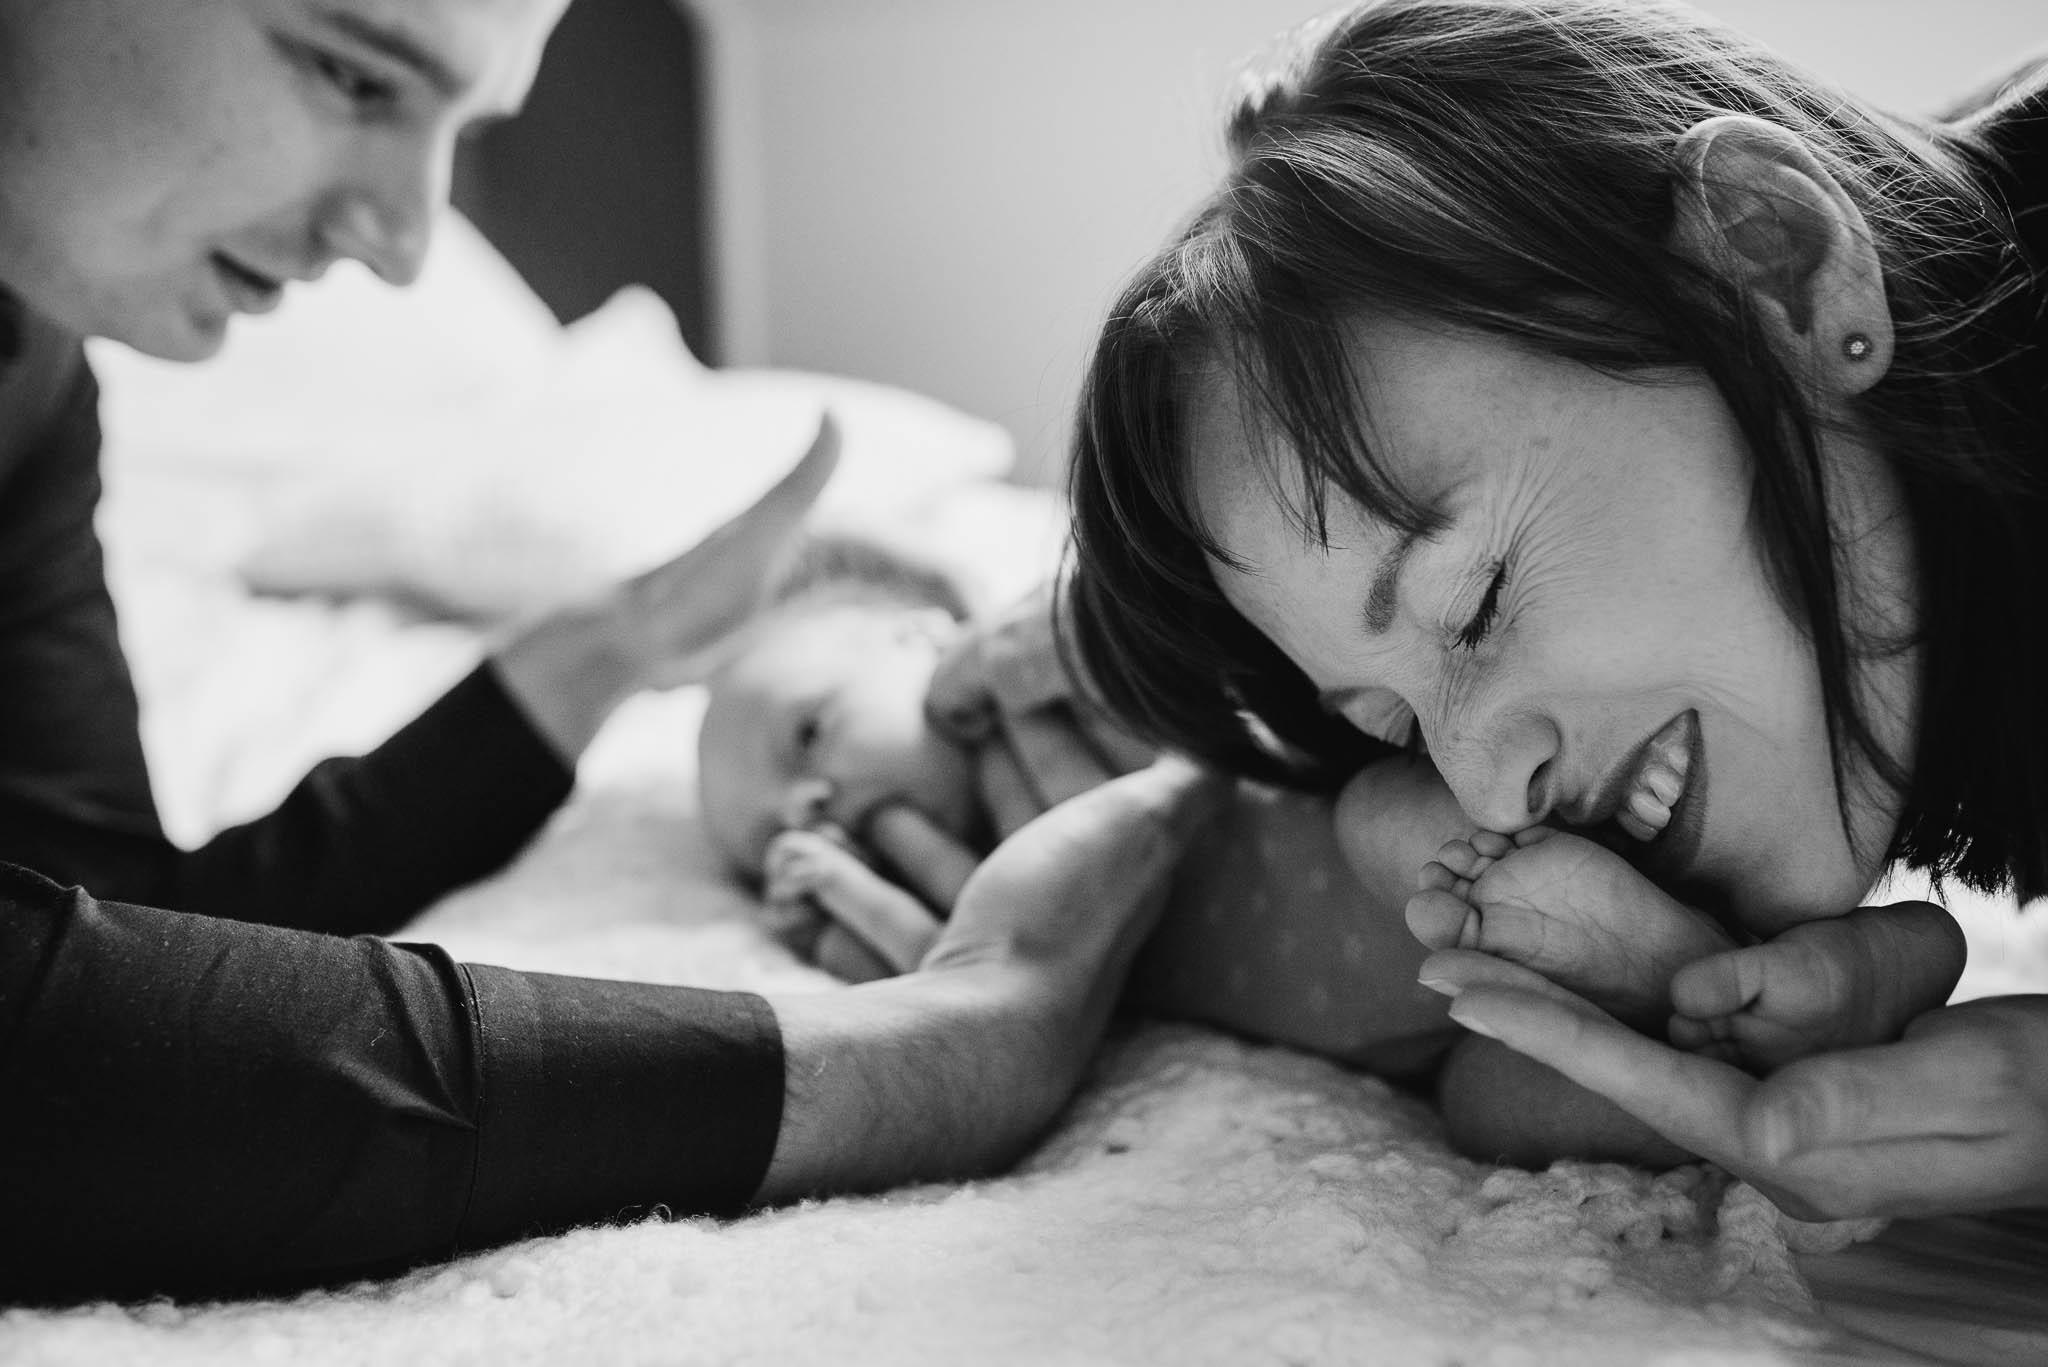 foto's newborn baby thuis lifestyle ongeposeerd spontaan